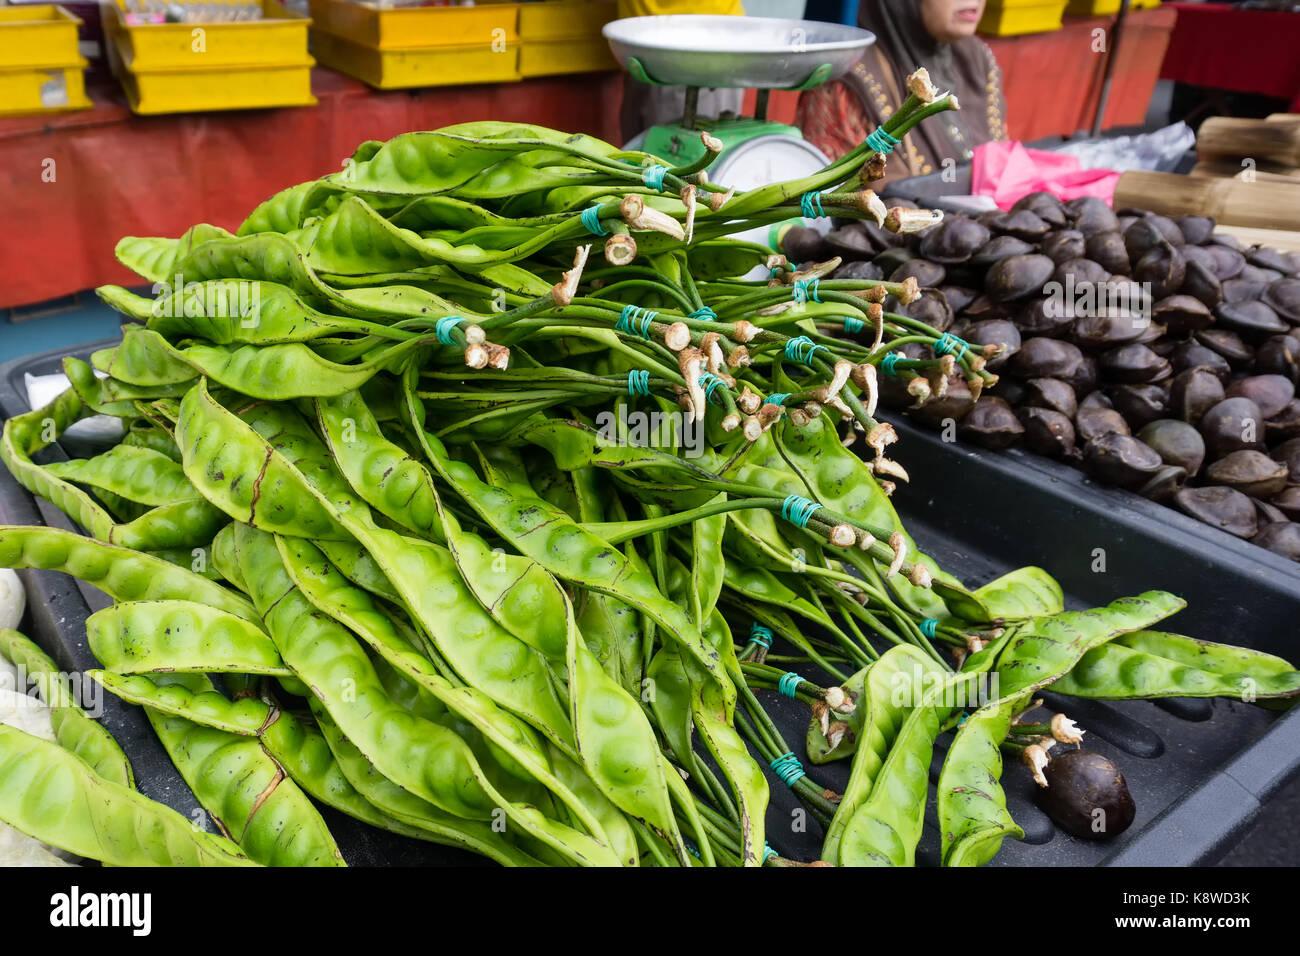 Stinky bean para la venta en el mercado de antigüedades y pulgas en Ipoh, la ciudad capital de Perak. Foto de stock